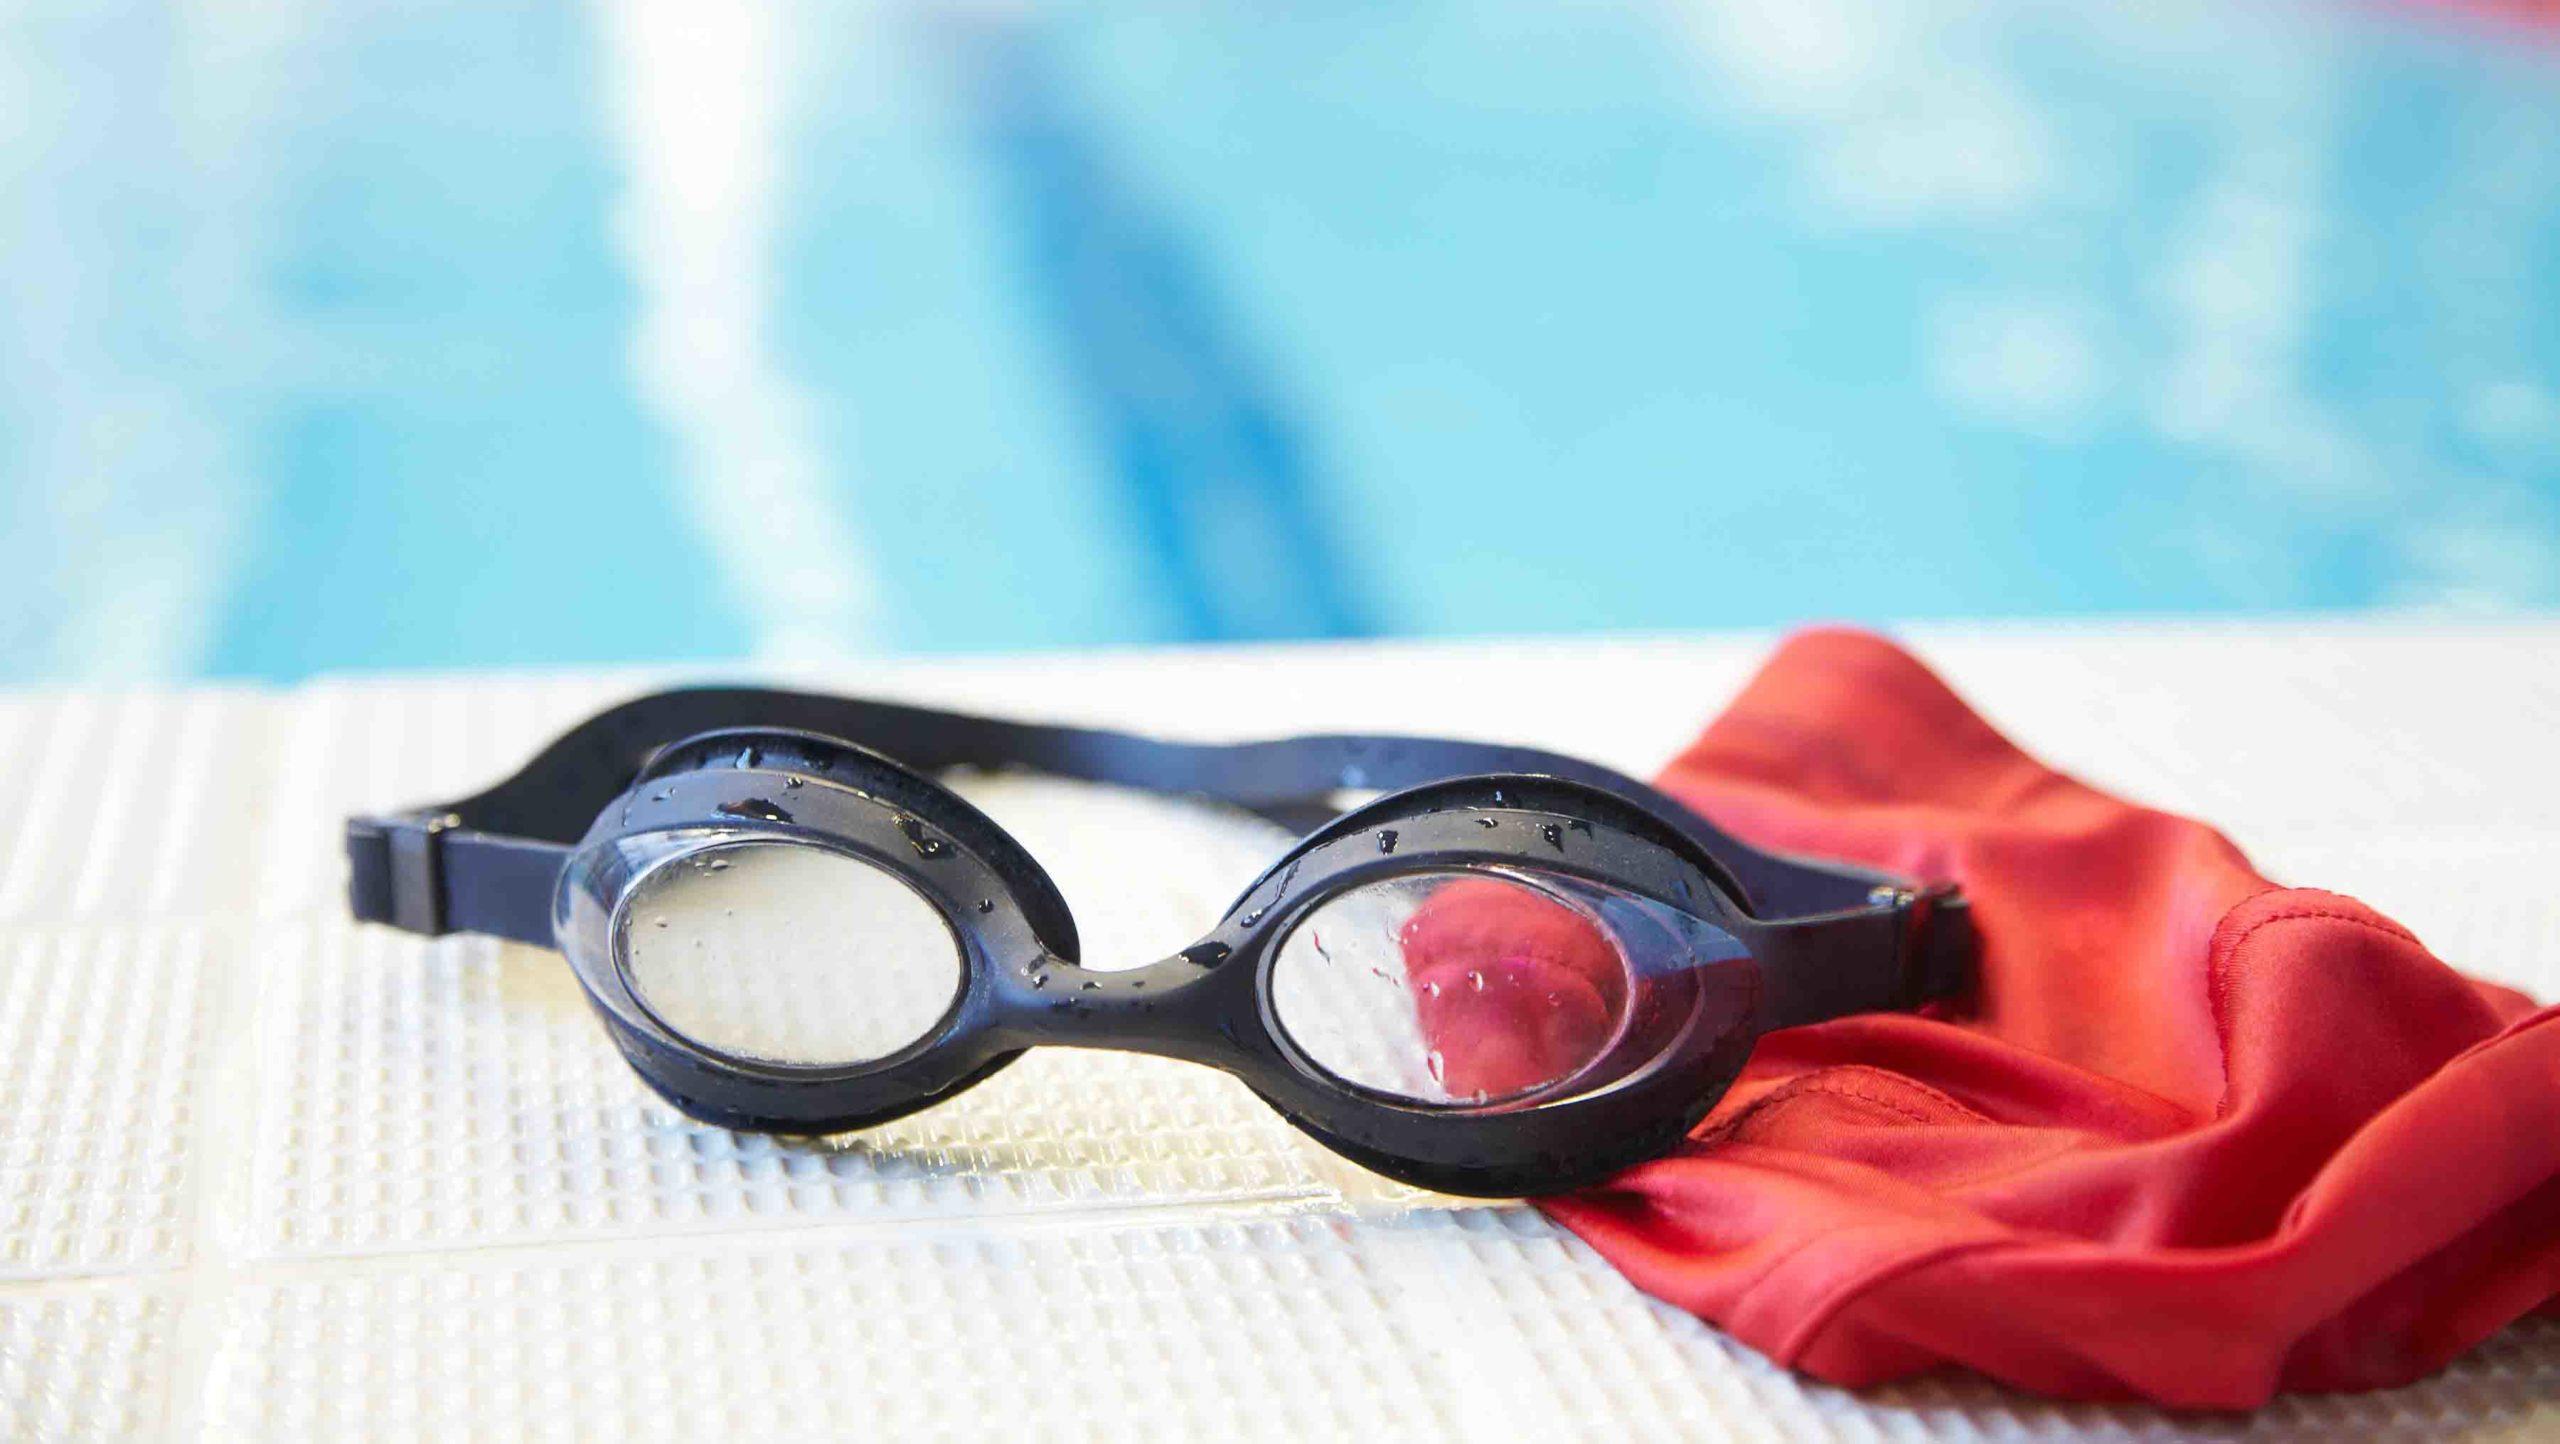 Apprendre à nager:Mettre la tête sous l'eau avec et sans lunettes de piscine.